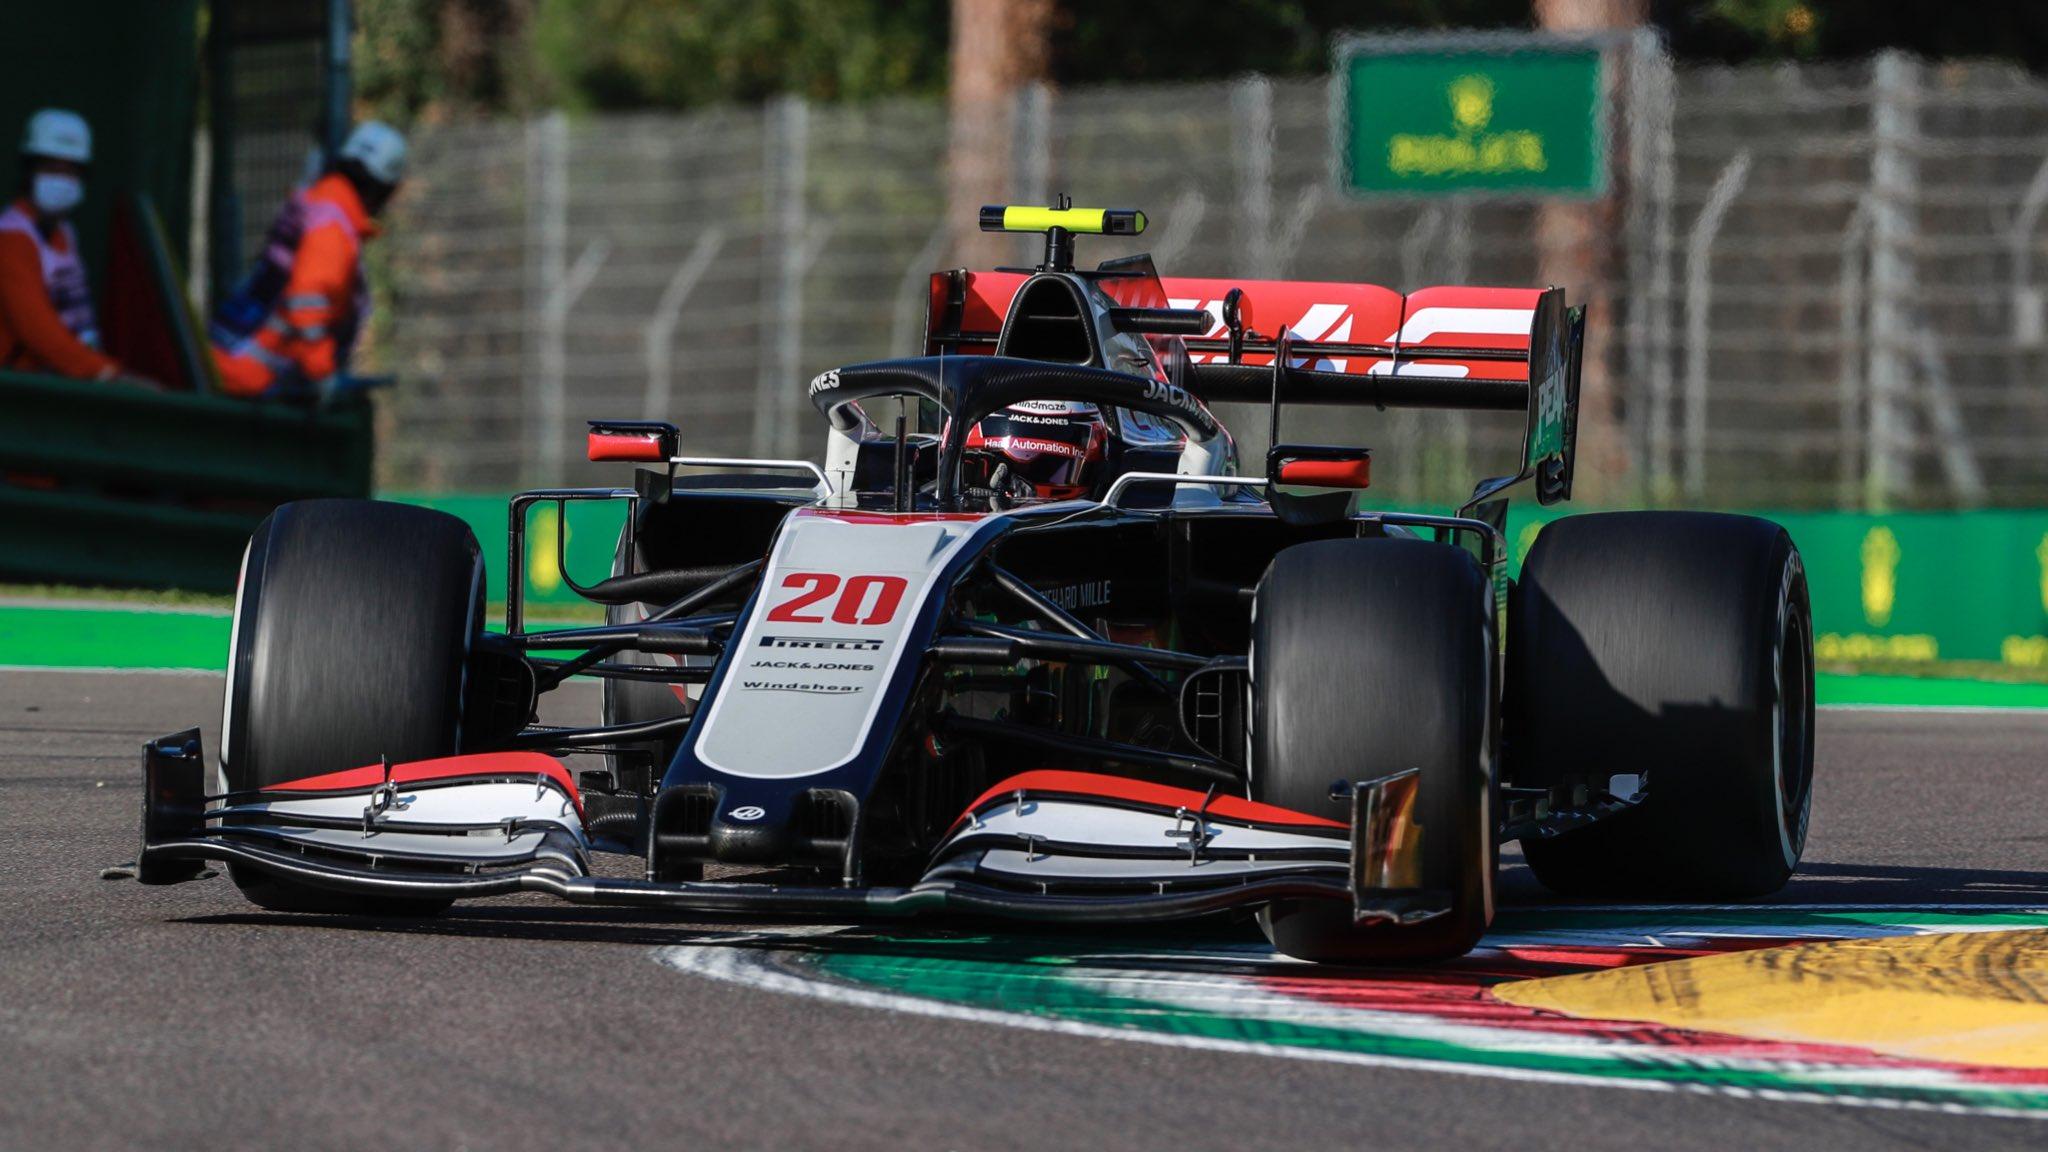 F1 - De gros maux de tête pour Magnussen à Imola à cause de sa boîte de vitesses